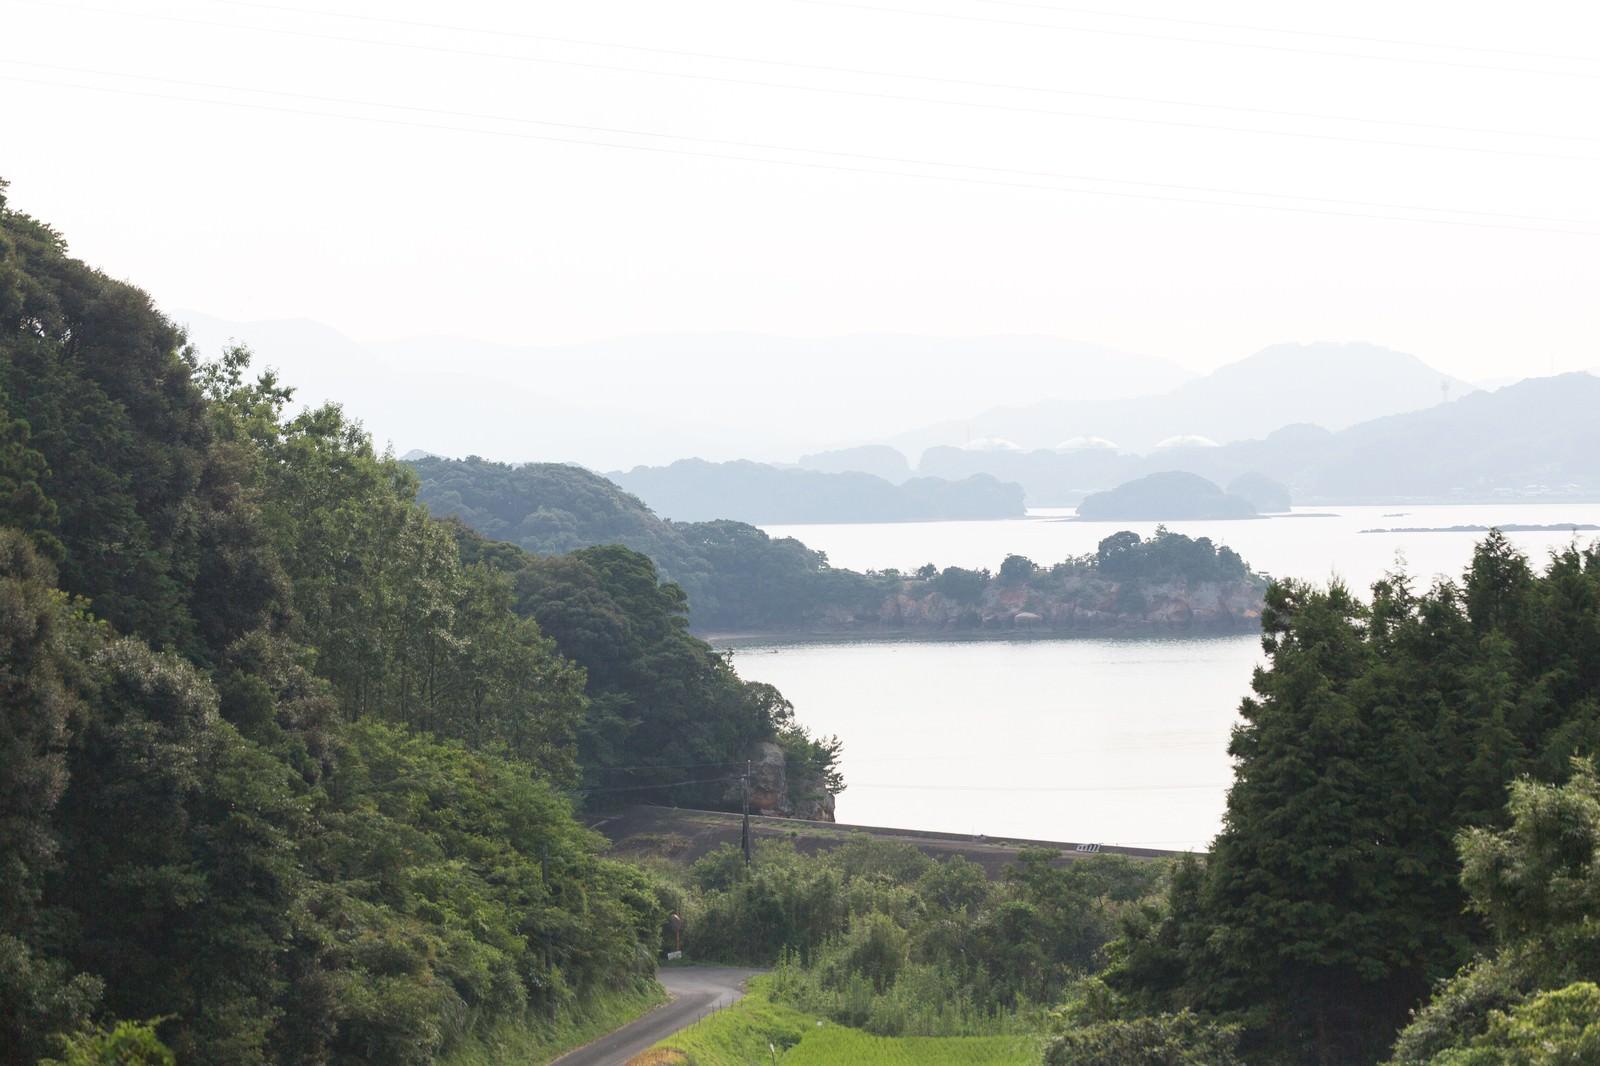 「山から見える伊万里湾の眺め」の写真